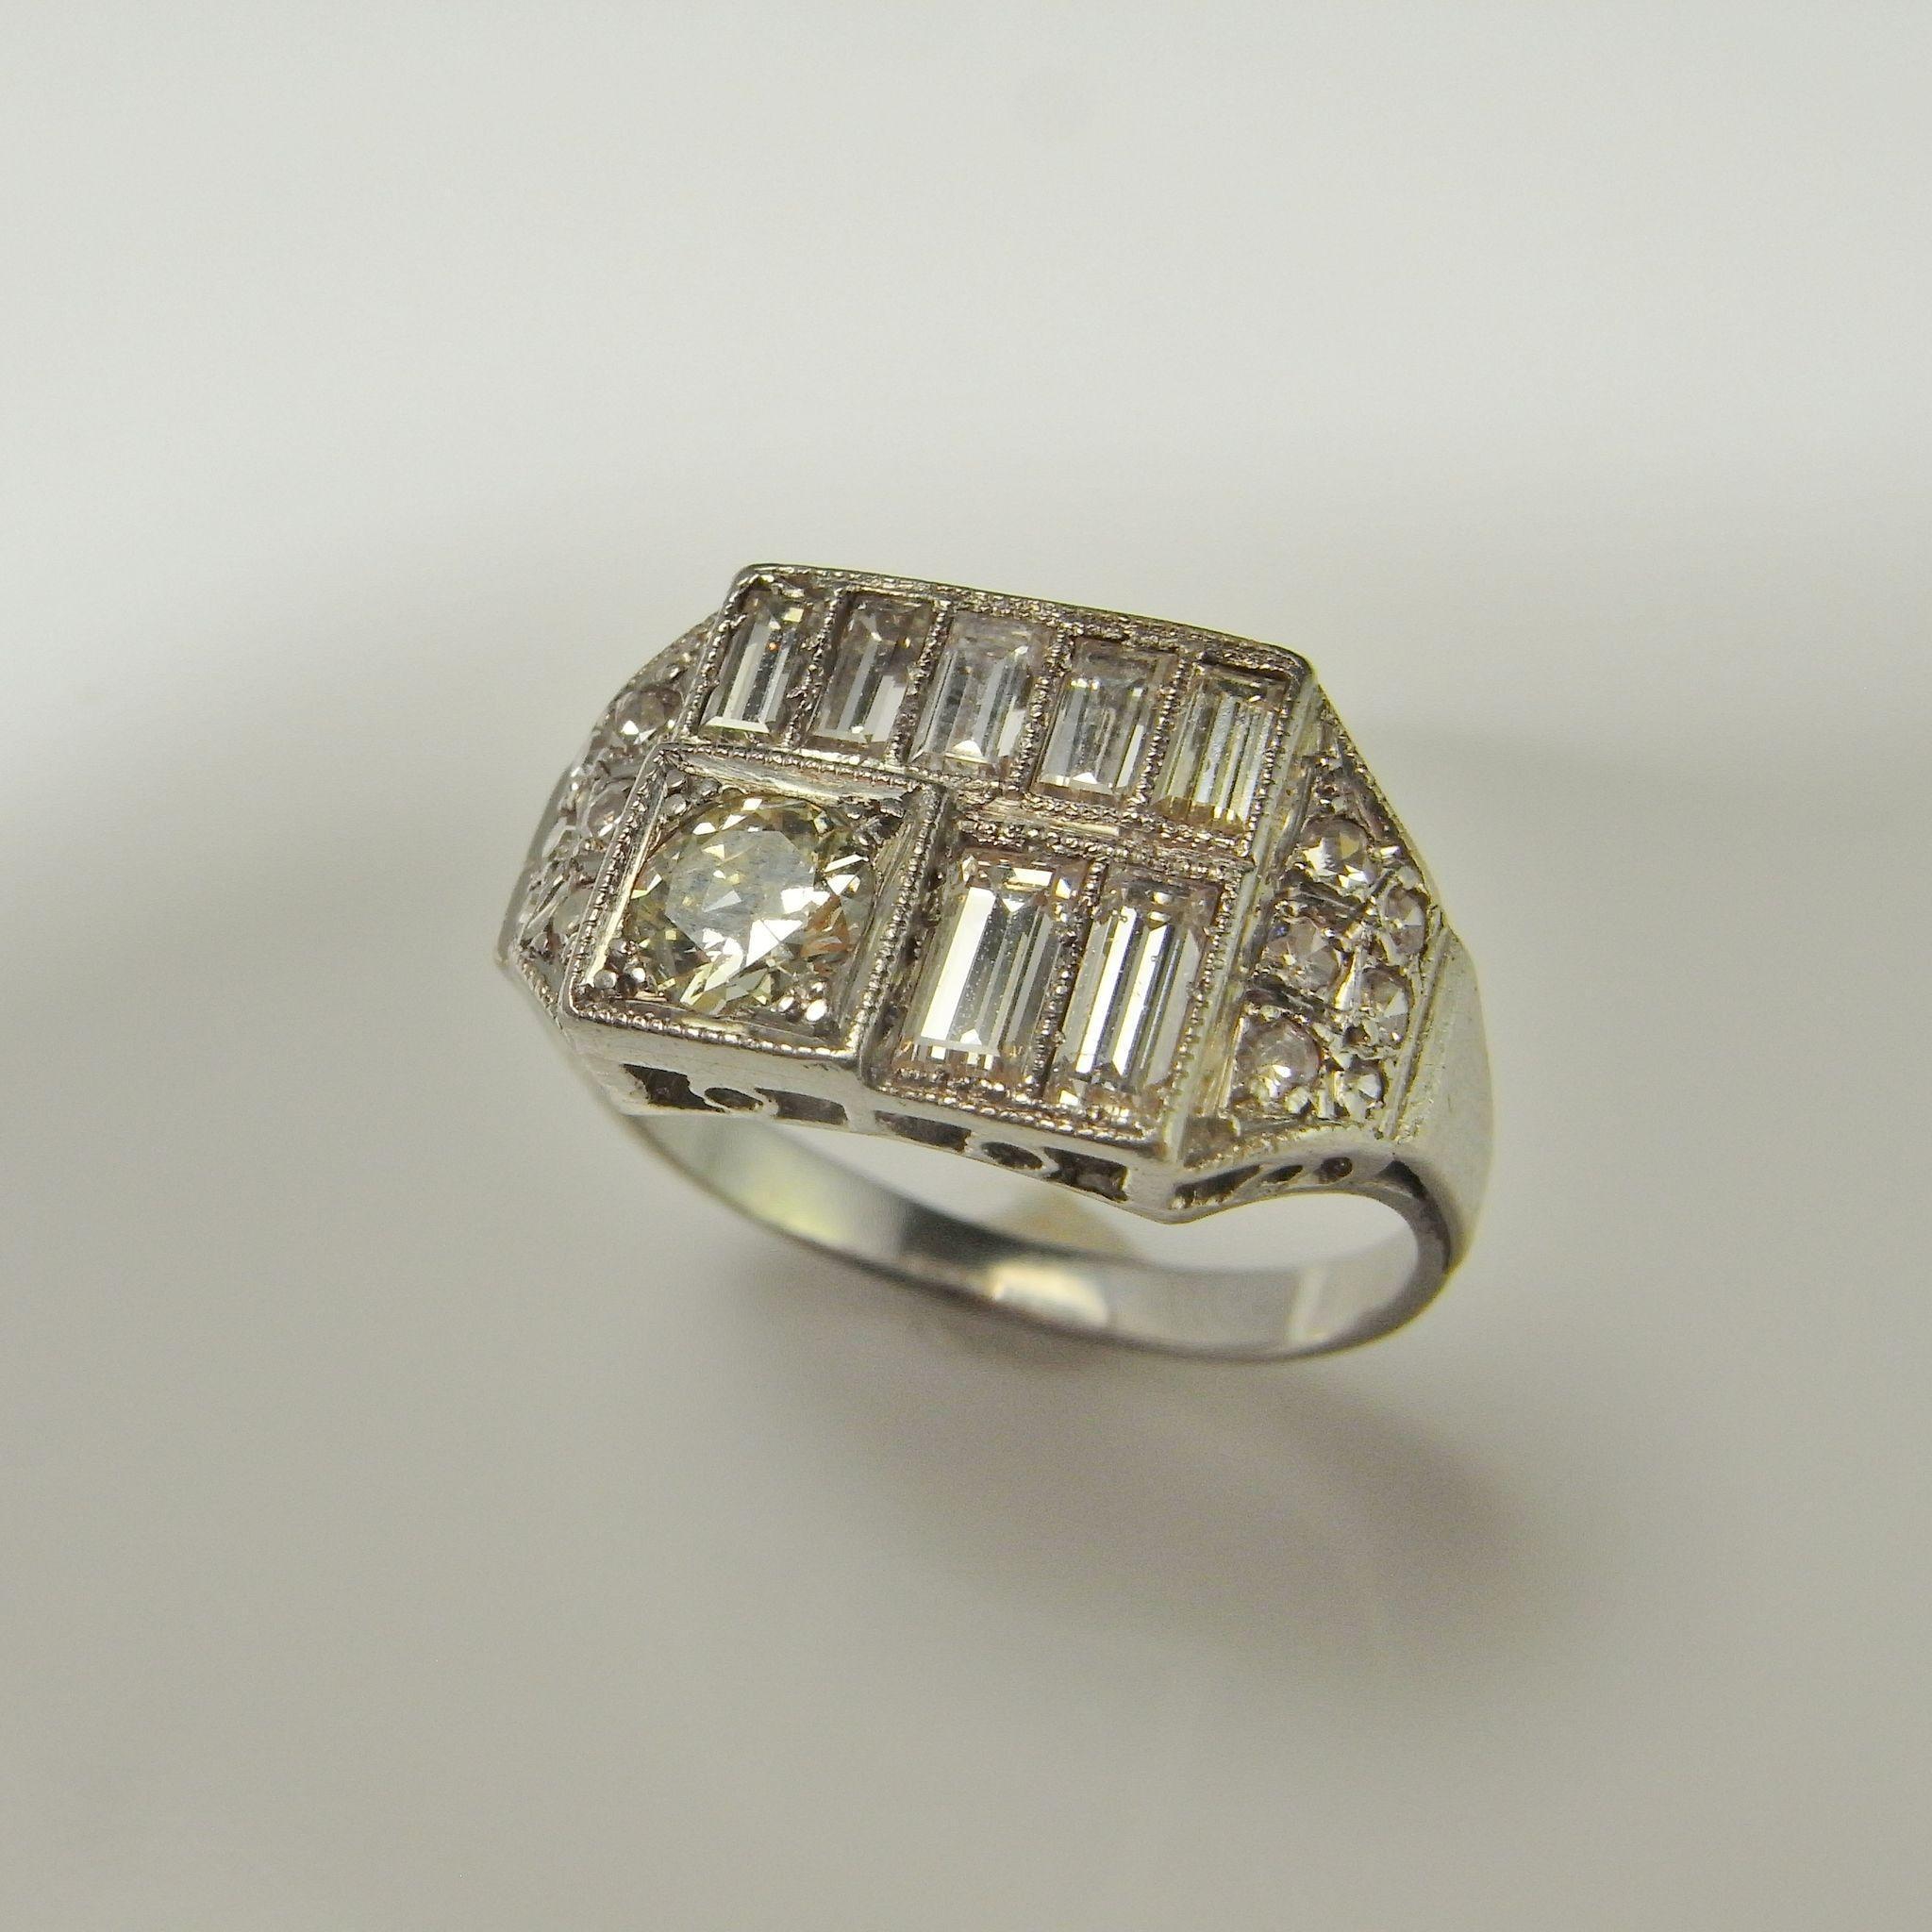 36 wedding rings sydney cbd european cut